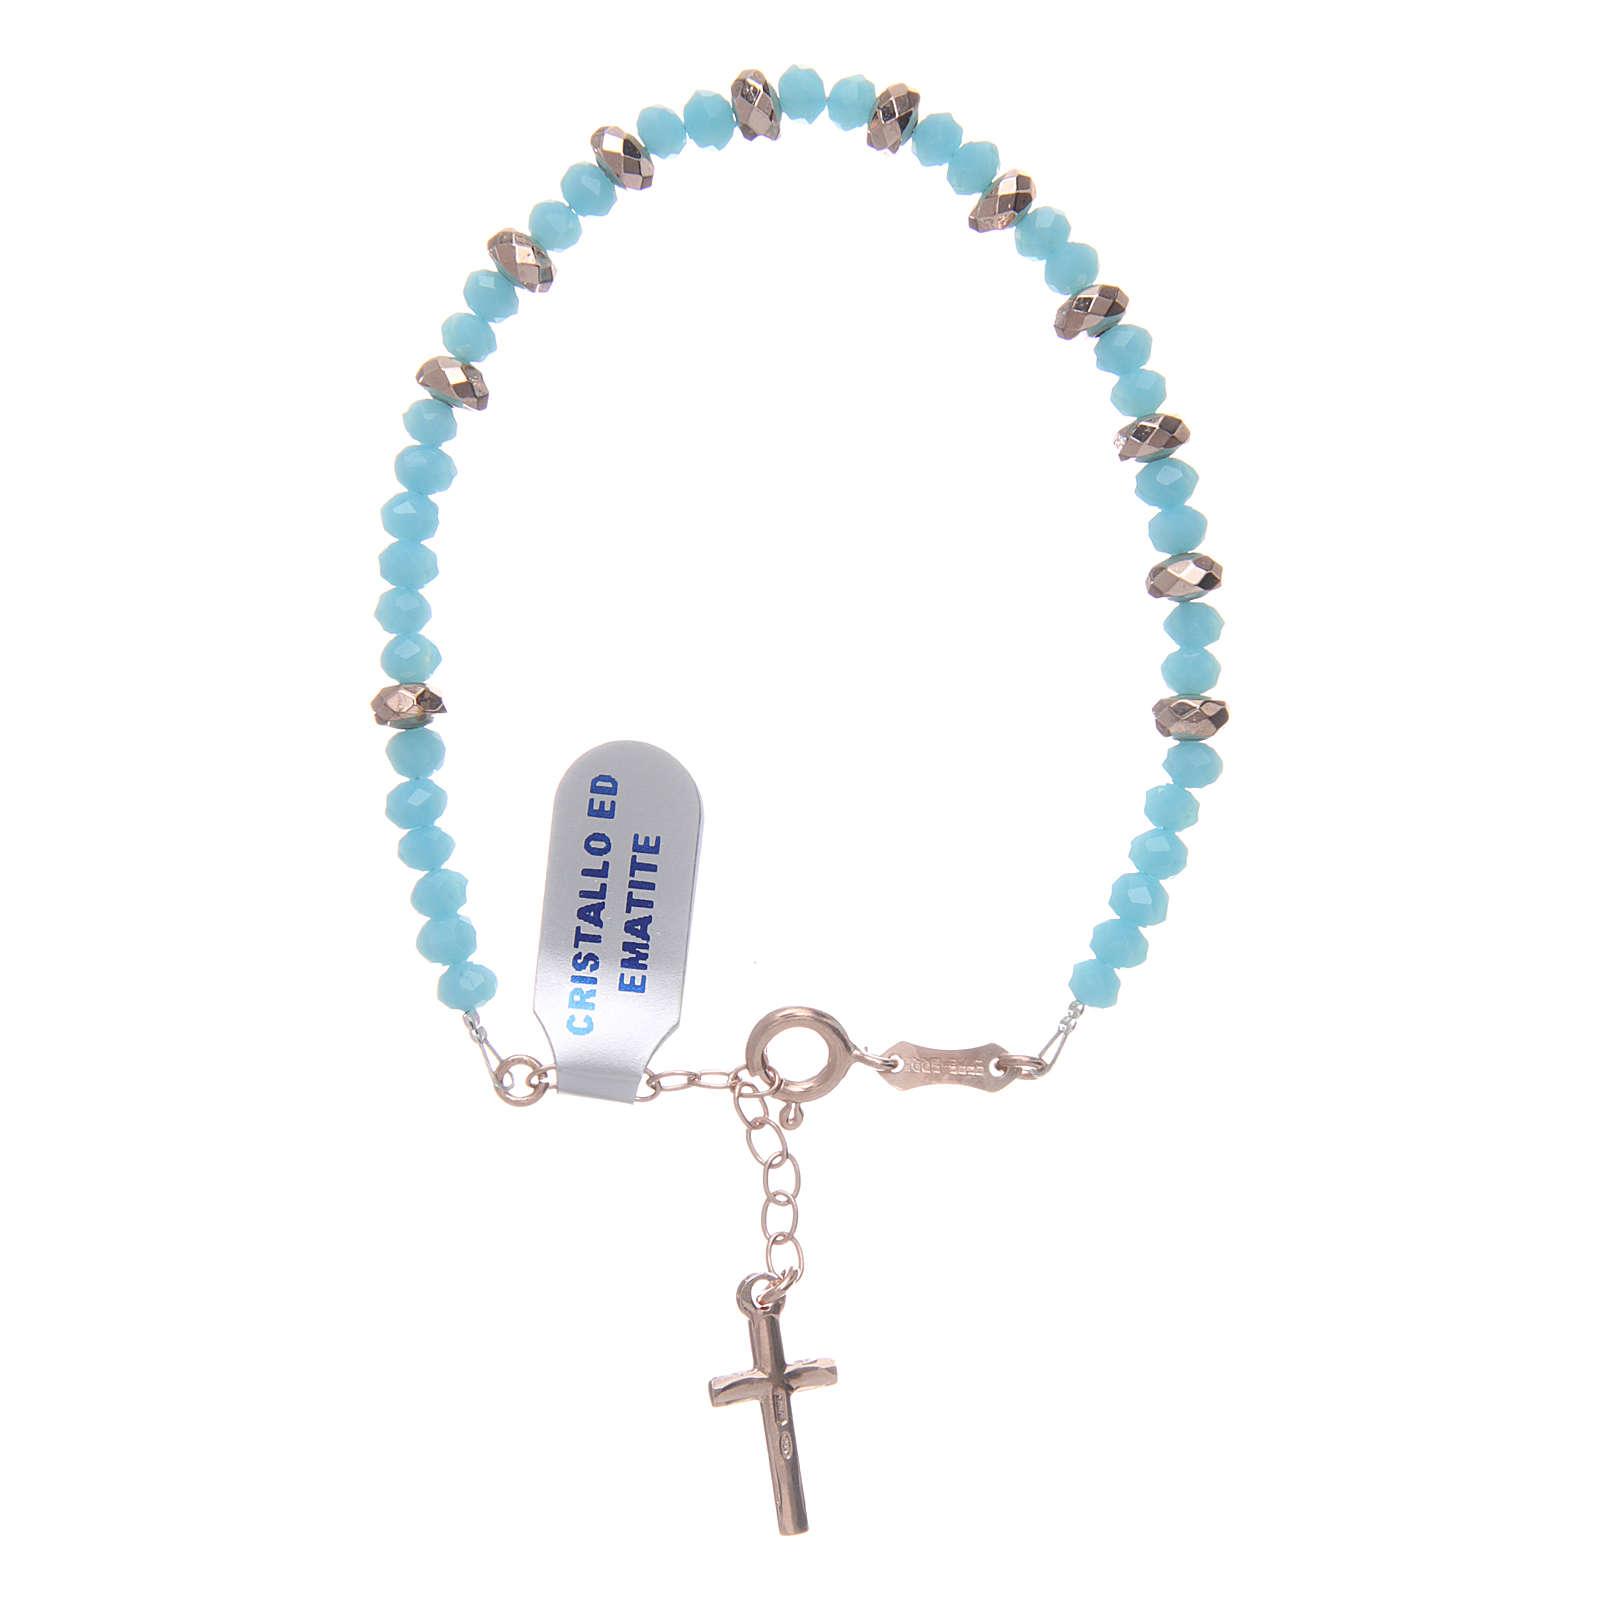 Bracciale rosario argento 925 cavetto cristallo azzurro cipollina e rondelle ematite rosé 4